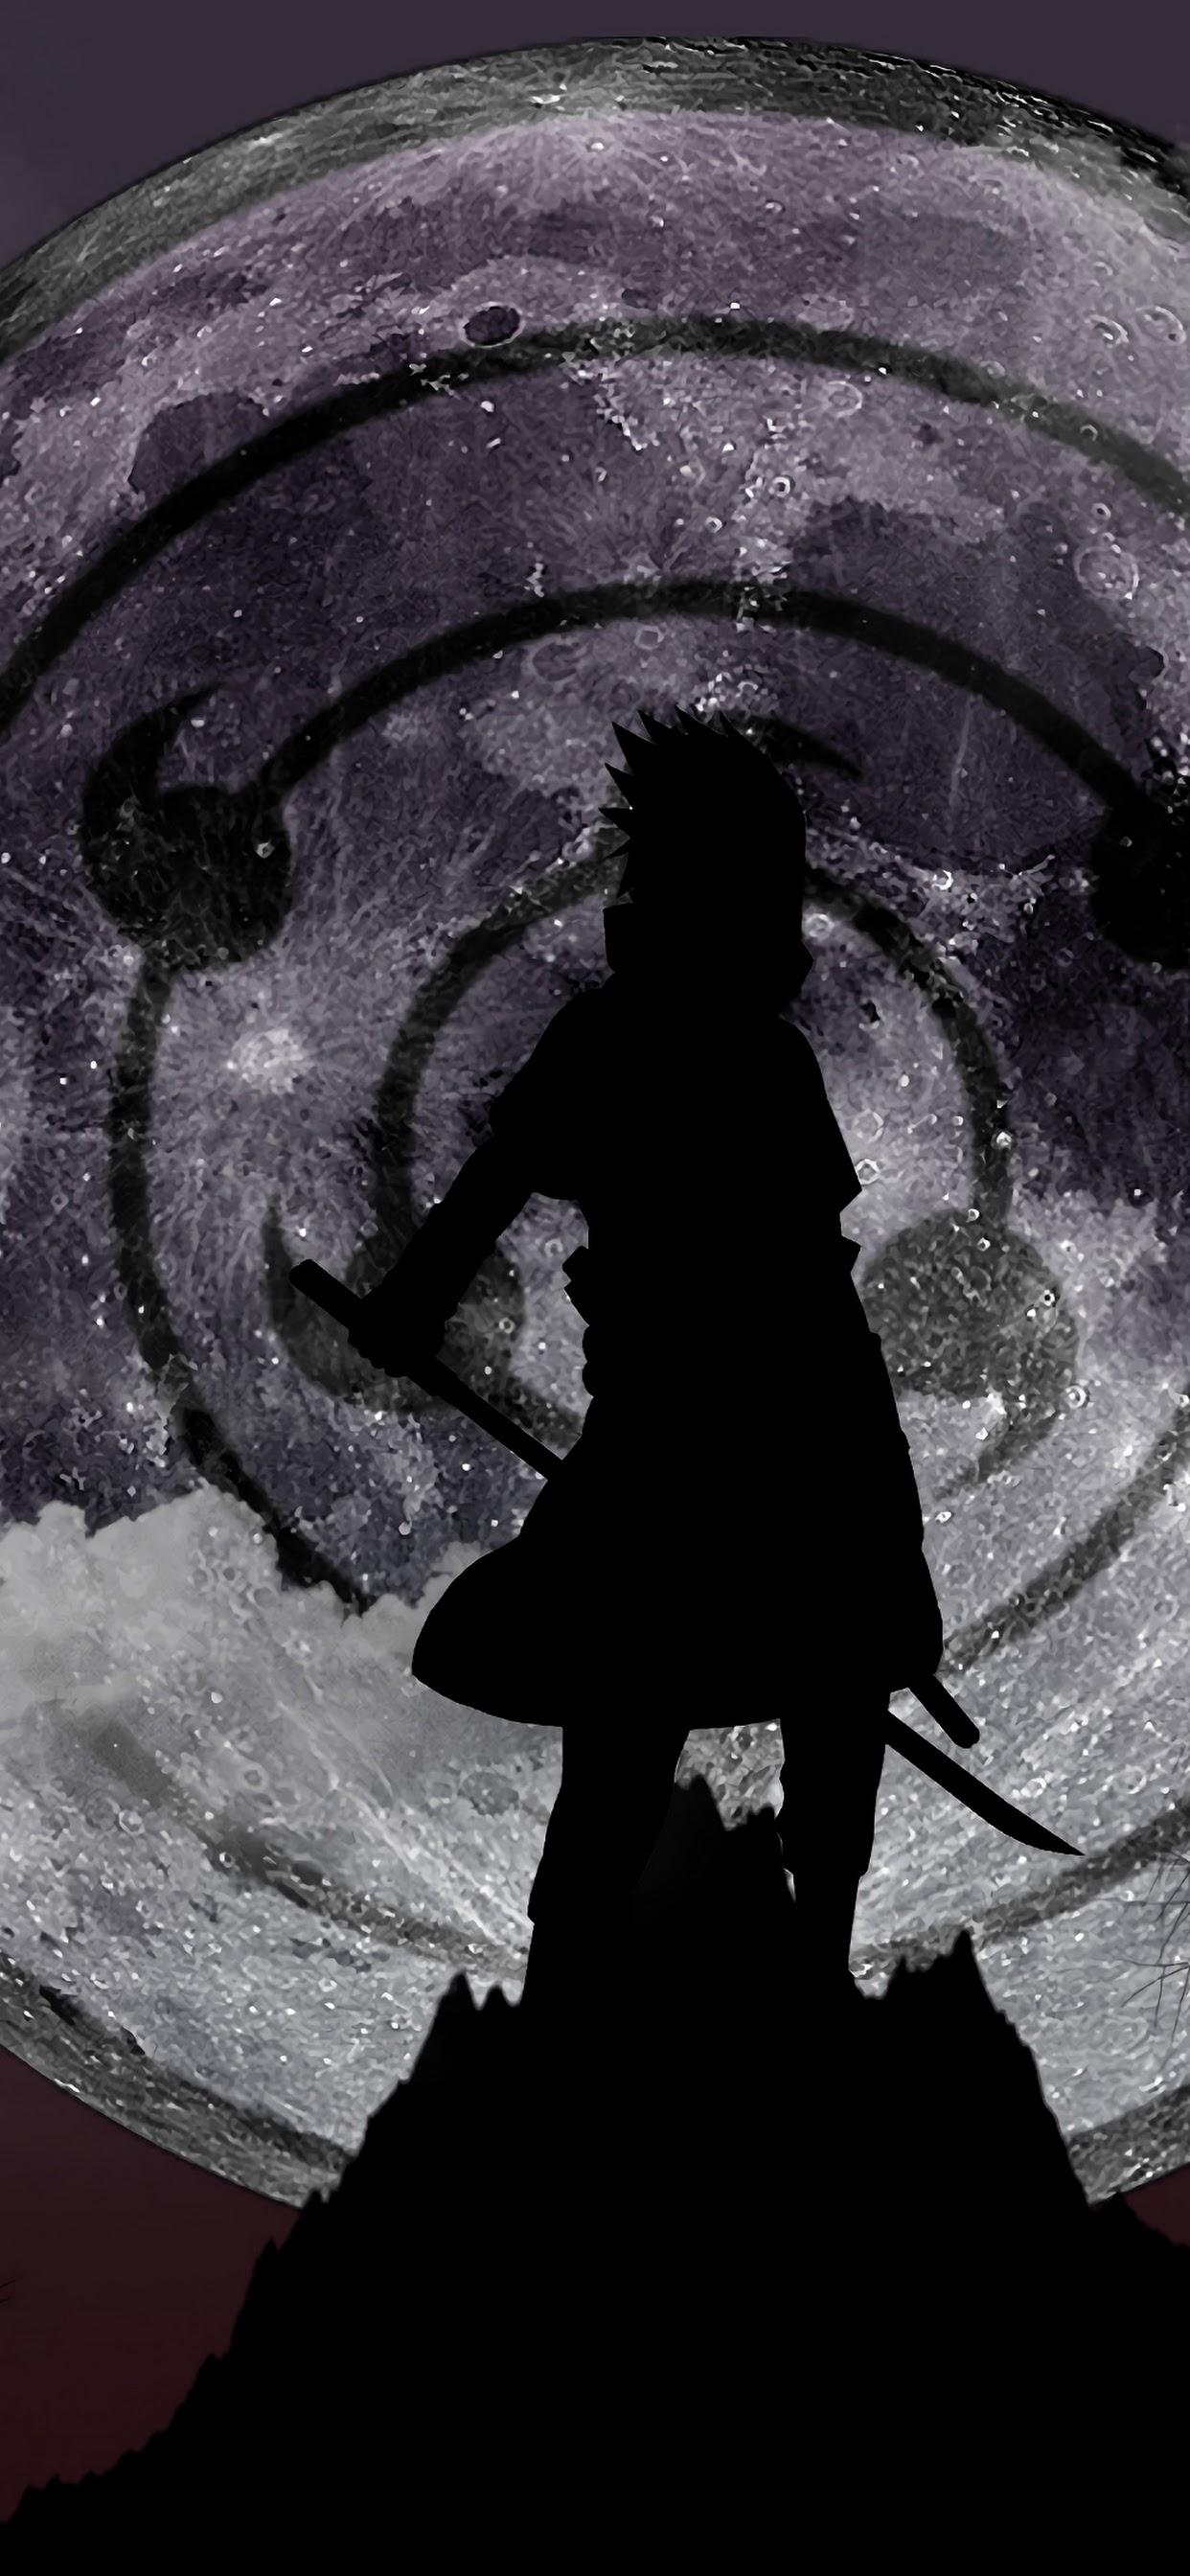 sasuke uchiha rinnegan sharingan naruto anime 4k uhdpaper.com 11